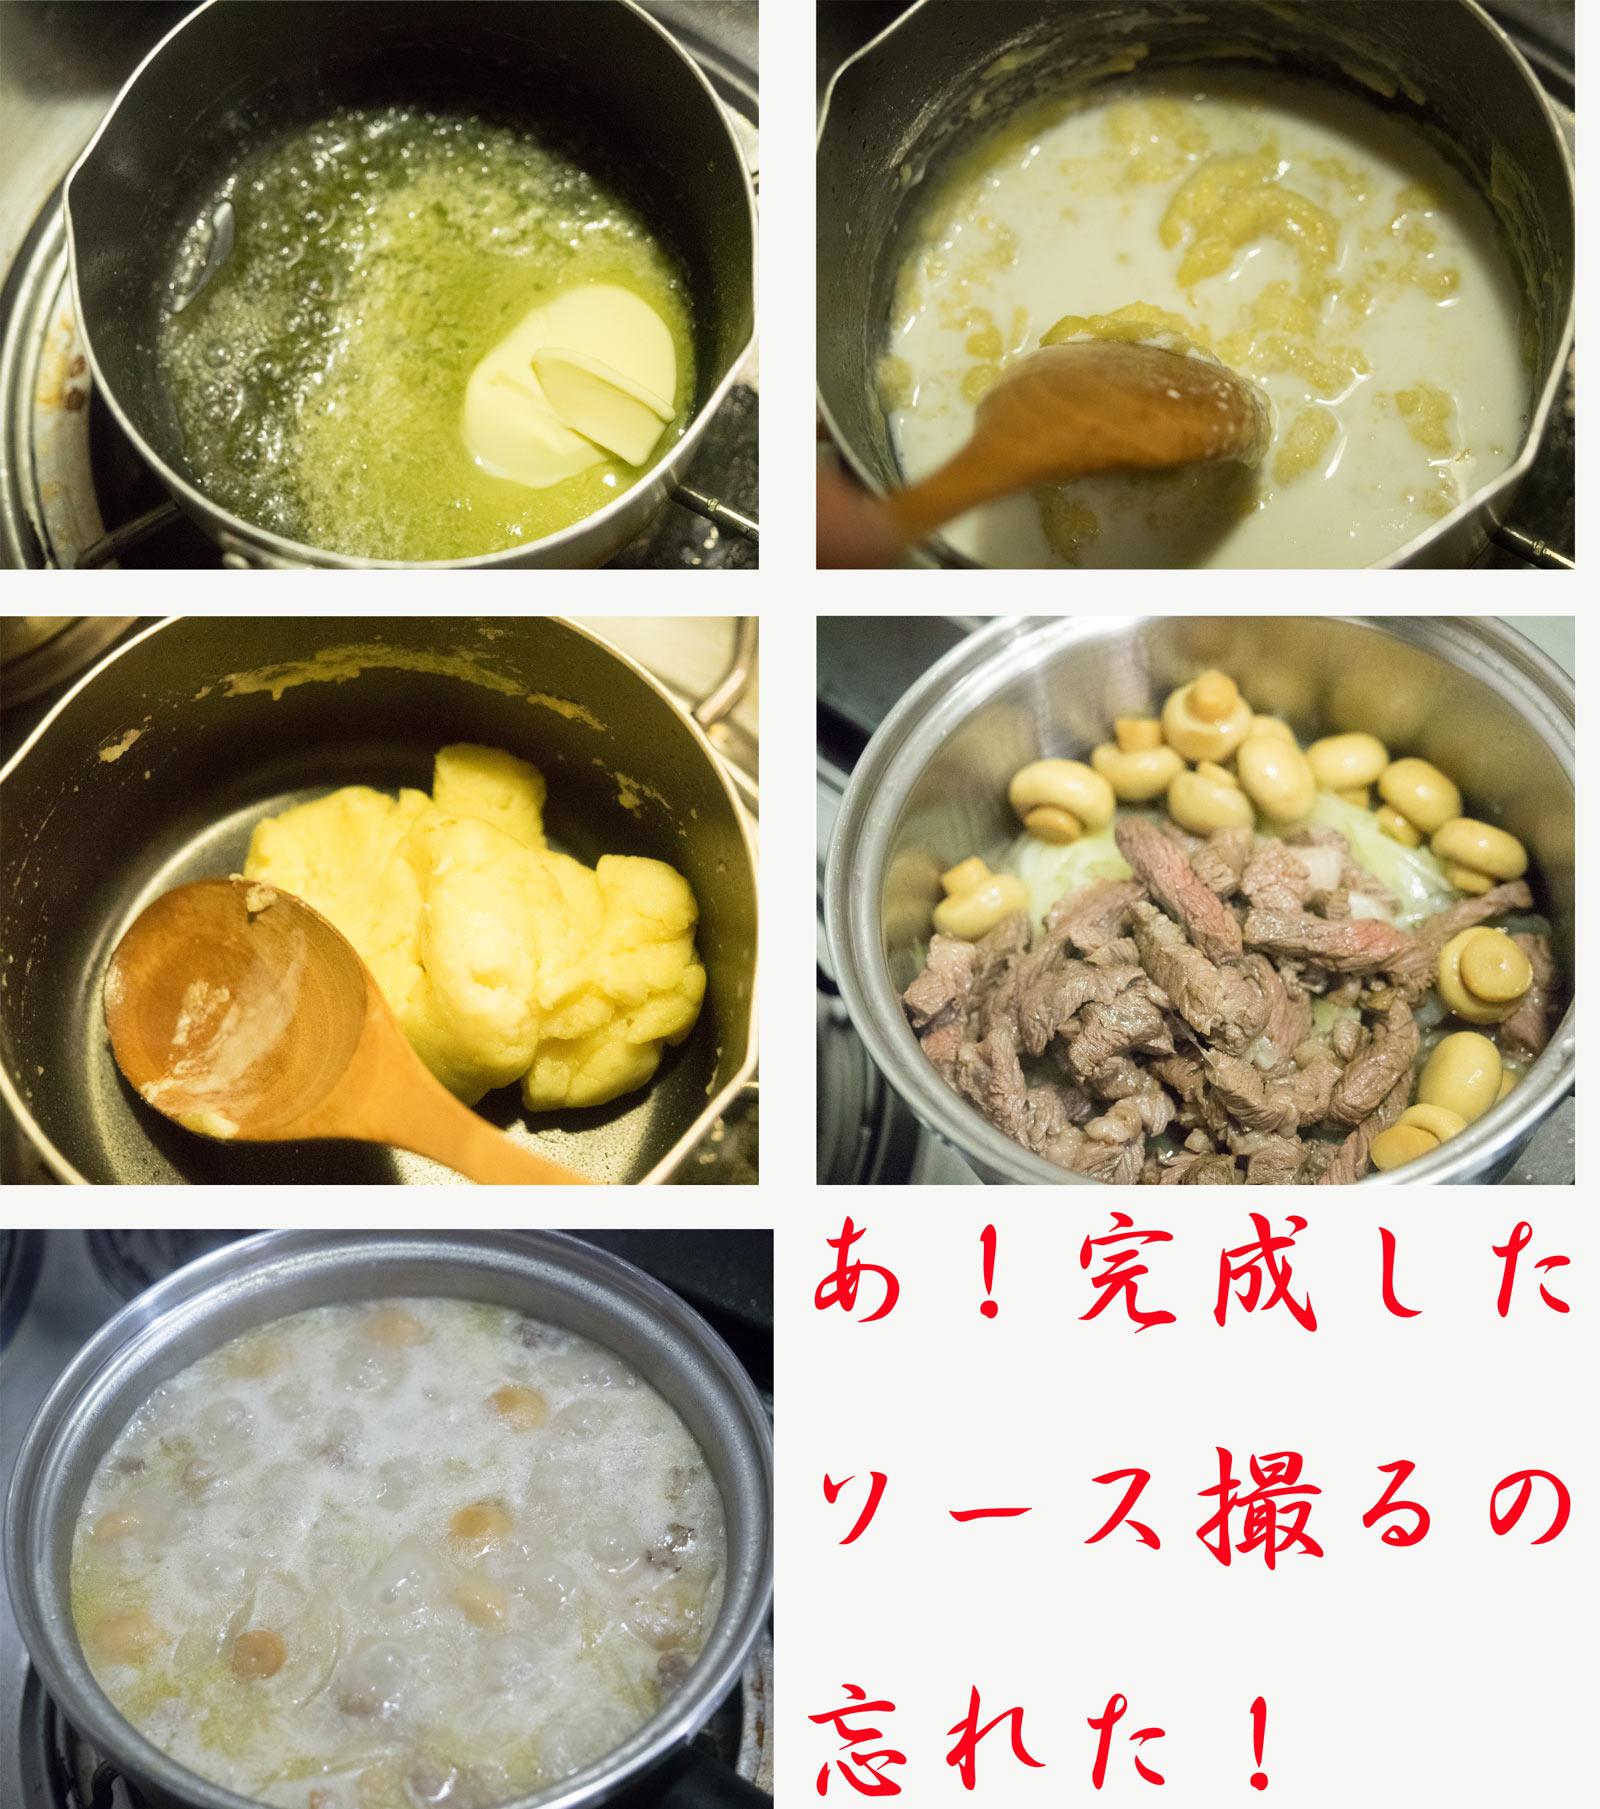 親父の料理_a0271402_8234290.jpg